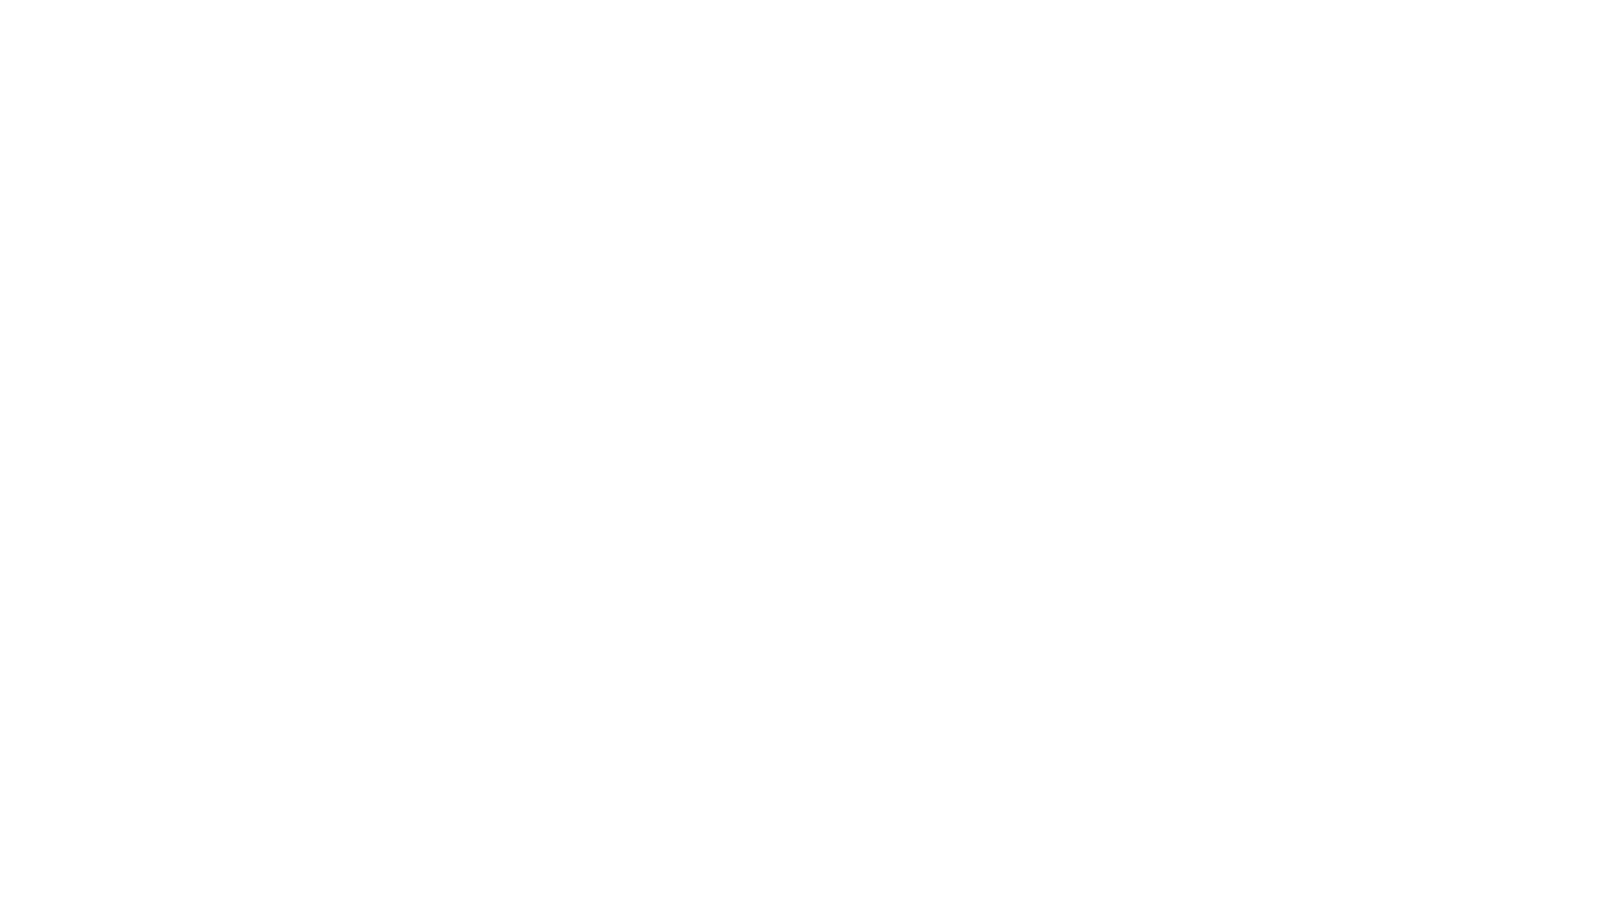 রাজশাহীতে জমে উঠেছে আমের বাজার। অন্য জেলা থেকে রাজশাহীতে ক্রেতা আসার পাশাপাশি অনলাইনের মাধ্যমেও চলছে বেচাকেনা। রাজশাহীর সবচেয়ে বড় আমের হাট পুঠিয়ার বানেশ্বর। এই হাটে আম বিক্রি করতে আসা চাষিরা জানান, করোনাভাইরাসের কারণে এবার আমের দাম কম কিন্তু বাইরে থেকে ক্রেতা আসায় দাম বাড়তে শুরু করেছে।  বানেশ্বর হাটে আসা আমচাষি শিমুল জানান, রাজশাহীর হাটগুলোতে এখন চার জাতের আম পাওয়া যাচ্ছে। প্রতিমণ গোপালভোগ এক হাজার ৮০০ থেকে দুই হাজার, হিমসাগর এক হাজার ৪০০ থেকে দুই হাজার, লক্ষণা ৭০০ থেকে এক হাজার এবং গুটি জাতের সব আম বিক্রি হচ্ছে ৬০০ থেকে এক হাজার ৬০০ টাকায়।  আম ব্যবসায়ী নাসির আলী জানান, গত শনিবার থেকে ঢাকা চট্টগ্রাম, বরিশাল, নোয়াখালী, কুমিল্লা, সিলেট, খুলনা থেকে পাইকারি ক্রেতারা আসতে শুরু করেছেন। এখন প্রতিদিন প্রায় ৪০ থেকে ৫০ ট্রাক আম দেশের বিভিন্ন প্রান্তে চলে যাচ্ছে। গত শনিবার থেকে গোপালভোগ ও হিমসাগর আমের দাম মণপ্রতি বেড়েছে ২০০ থেকে ৩০০ টাকা। এখন গোপালভোগ বিক্রি হচ্ছে প্রতিমণ এক হাজার ৮০০ থেকে দুই হাজার টাকায়।  ঢাকা থেকে আসা আমের বেপারি নাসির উদ্দিন বলেন, 'প্রত্যেক বছর বানেশ্বর হাটে এসে আম নিয়ে দেশের বিভিন্ন জেলায় দিয়ে থাকি। কিন্তু এবার একটু চিন্তায় ছিলাম, এখানে আসতে পারবো কিনা! পরে নিশ্চিত হয়ে এসেছি, আমাদের জন্য থাকার আবাসিক হোটেলের ব্যবস্থা করেছে প্রশাসন। সেখানে থেকে ব্যবসা করছি।'  এদিকে, সরাসরি বেচাকেনার পাশাপাশি অনলাইন পোর্টাল, ফেসবুক পেজ ও ফেসবুক-ম্যাসেঞ্জারের বিভিন্ন গ্রুপে প্রচারণা চালিয়ে অর্ডার নিচ্ছেন ব্যবসায়ীরা। অনলাইনে অর্ডার, বিকাশে পেমেন্ট আর কুরিয়ারে পণ্য পৌঁছে দেওয়া– এসব অনেকের কাছেই নতুন হওয়ায় সম্ভাবনার পাশাপাশি সমস্যার কথাও বলছেন ব্যবসায়ীরা। তবে এসব সমস্যা সমাধানে কুরিয়ার প্রতিষ্ঠানগুলো সাহায্য করছেন বলে জানান তারা।